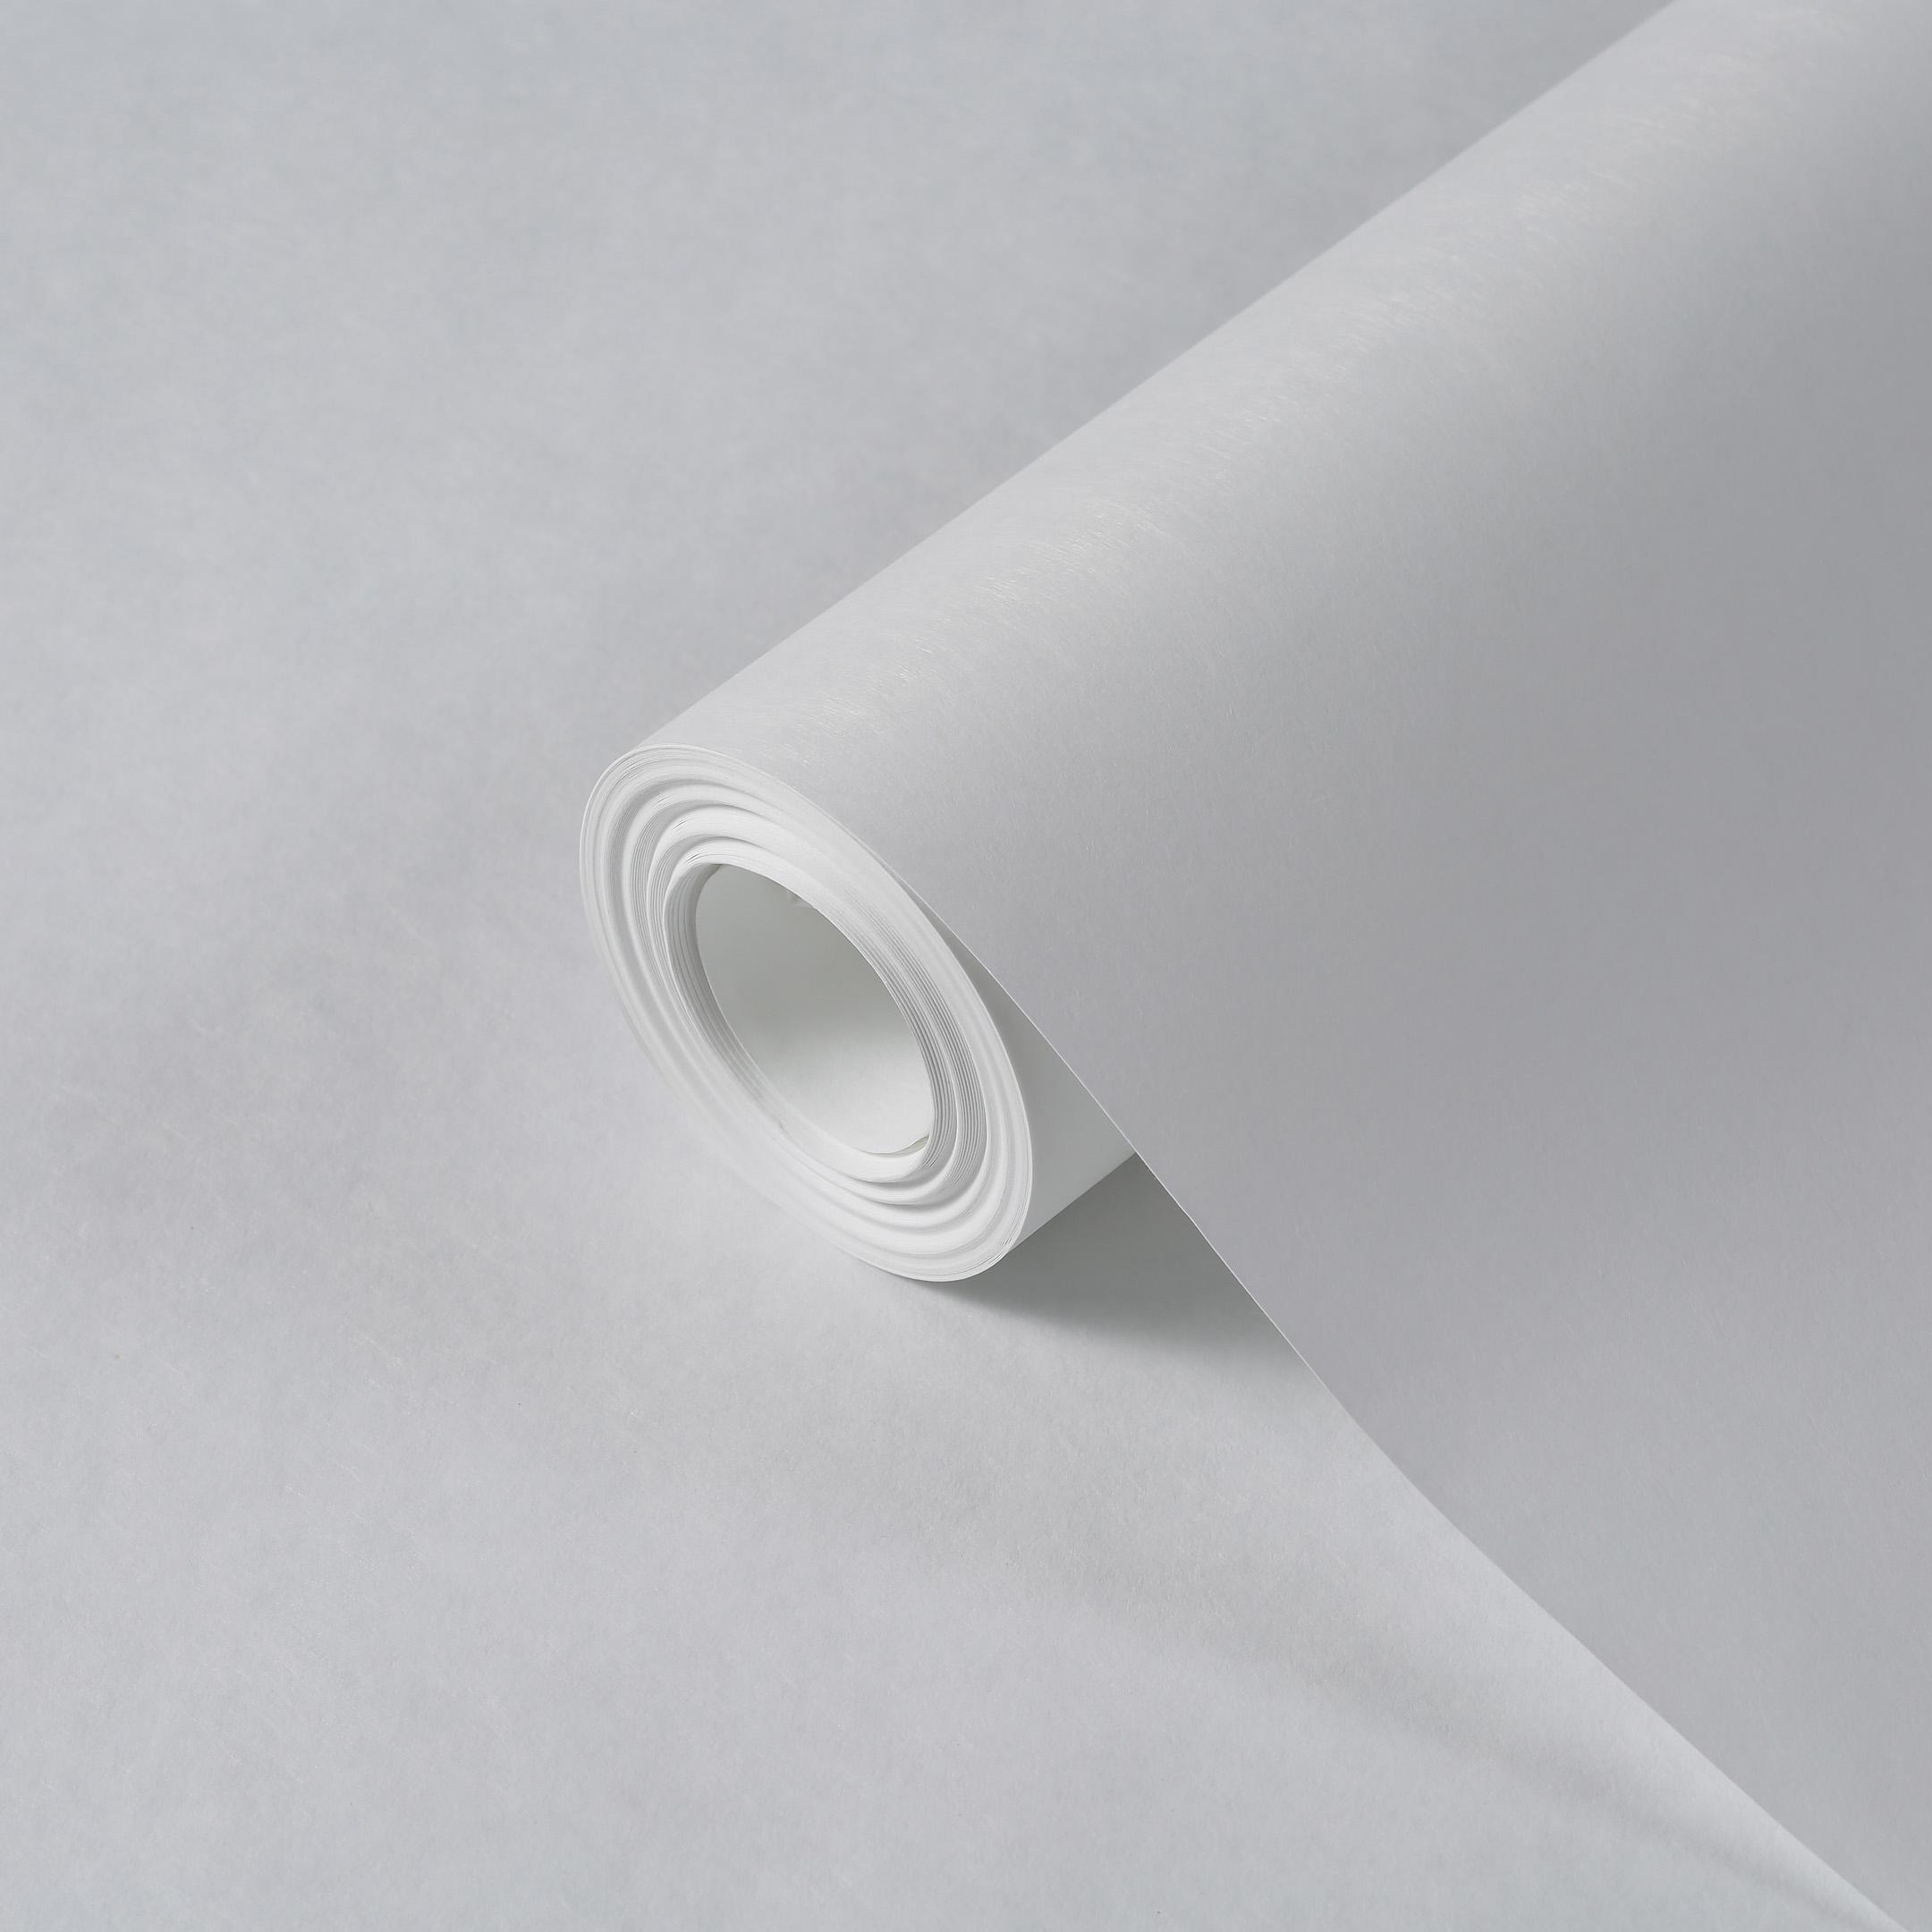 Обои под покраску флизелиновые гладкие Oscar OsF130 (1х25 м) плотность 130 г/кв.м стоимость